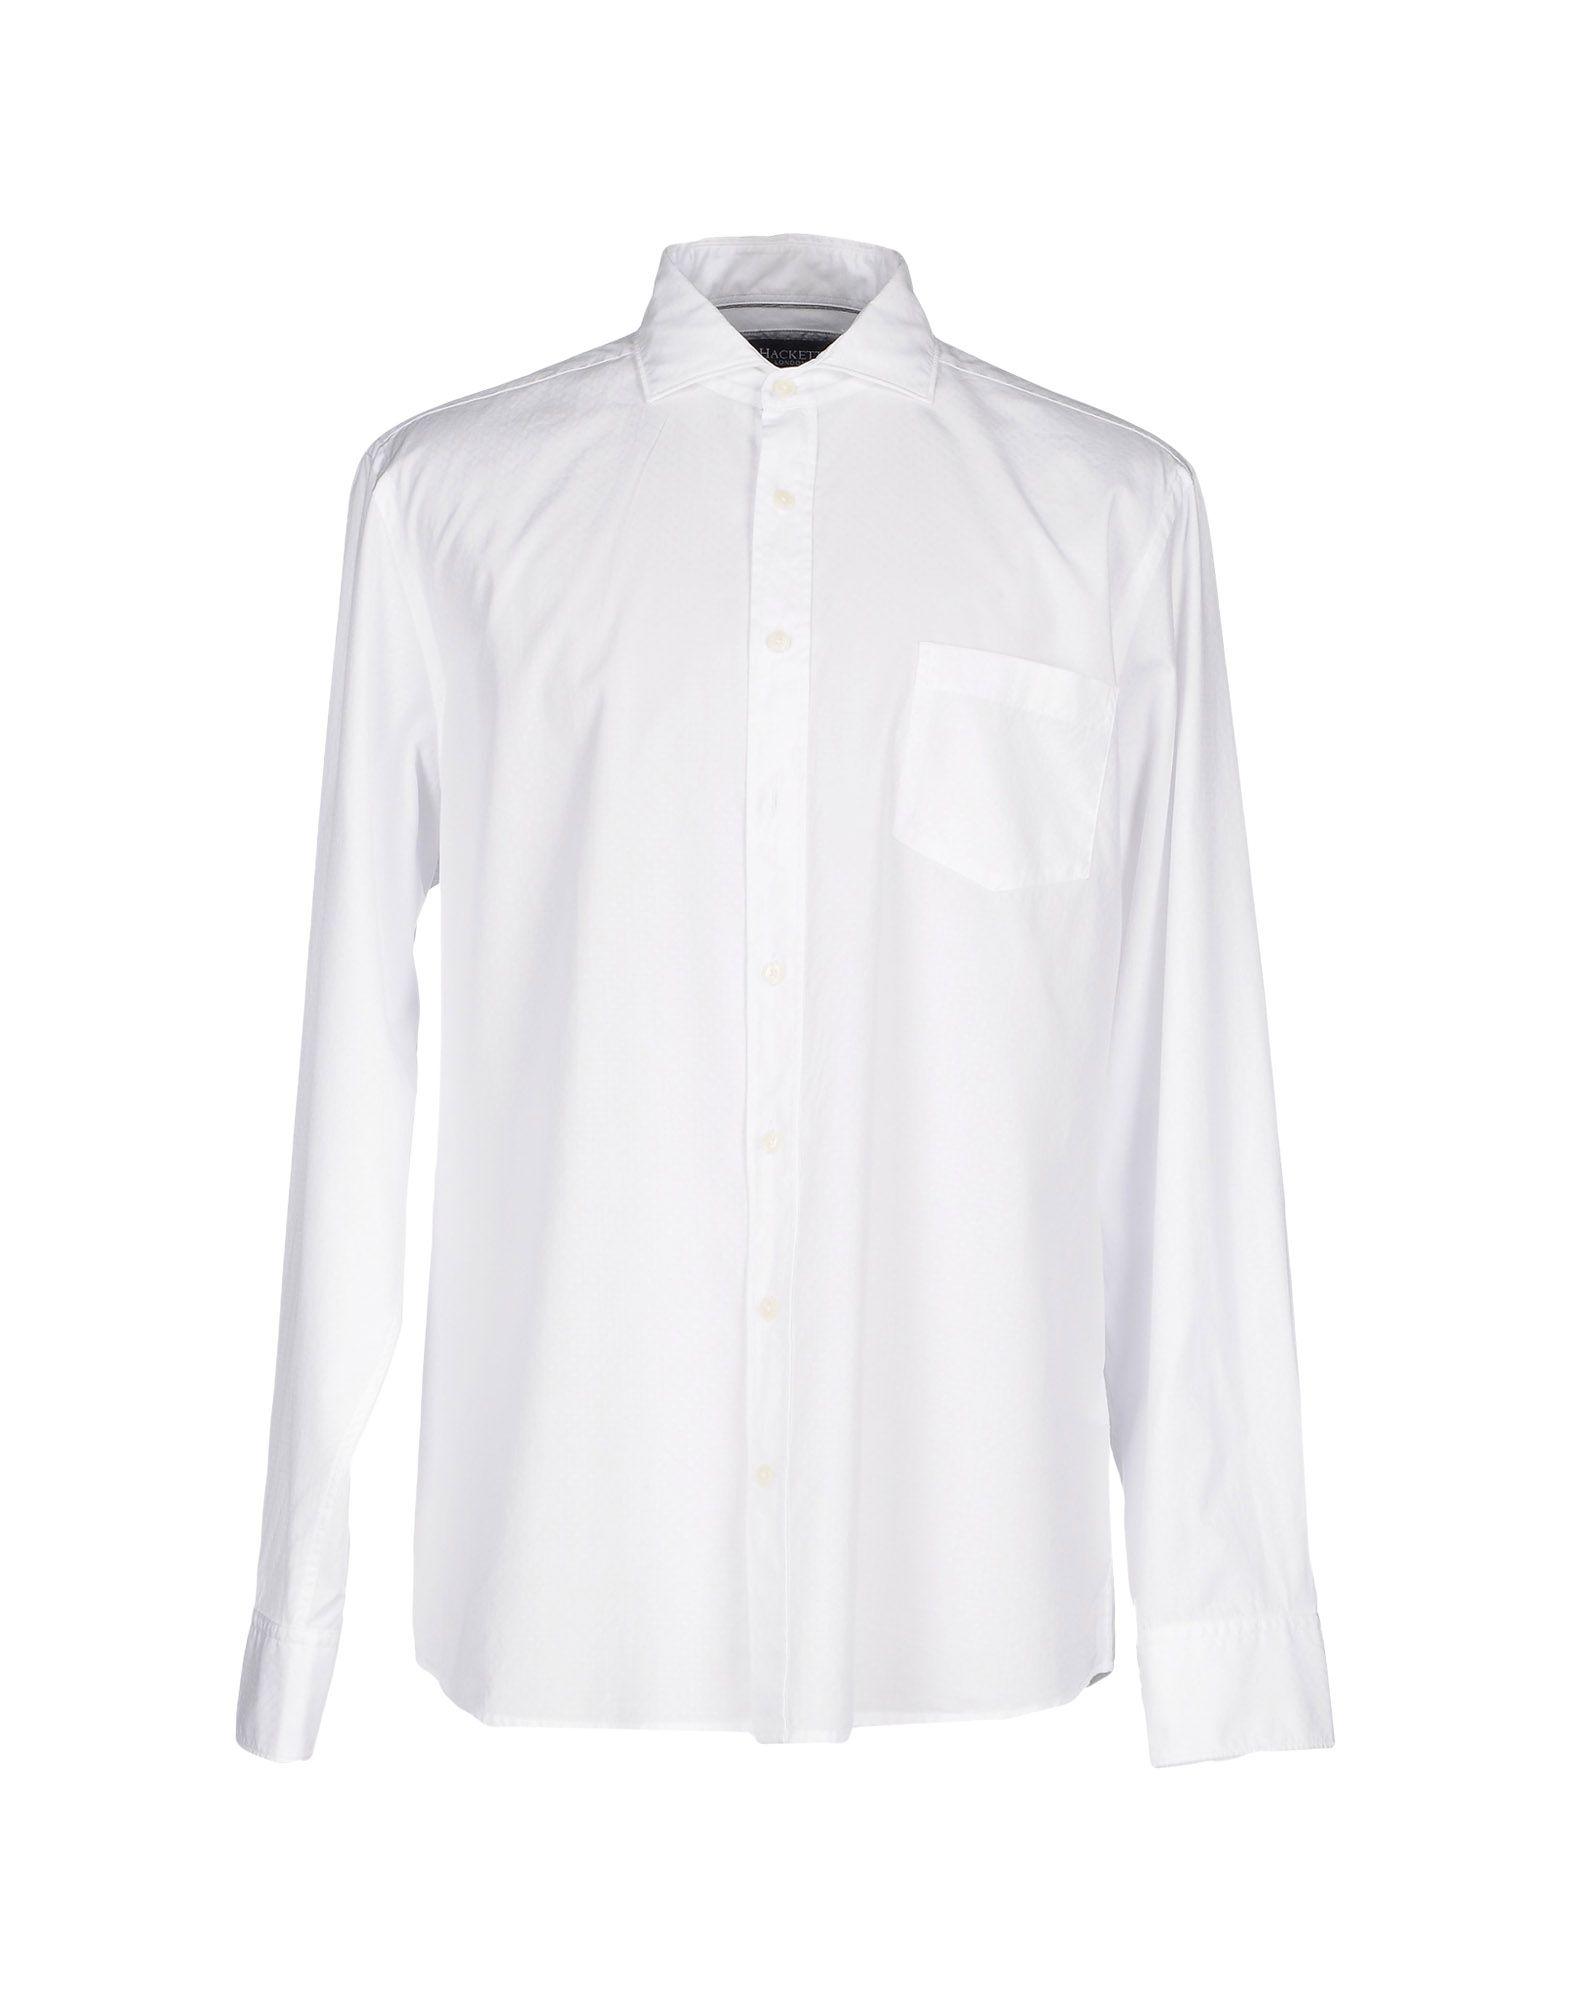 《セール開催中》HACKETT メンズ シャツ ホワイト L コットン 100%